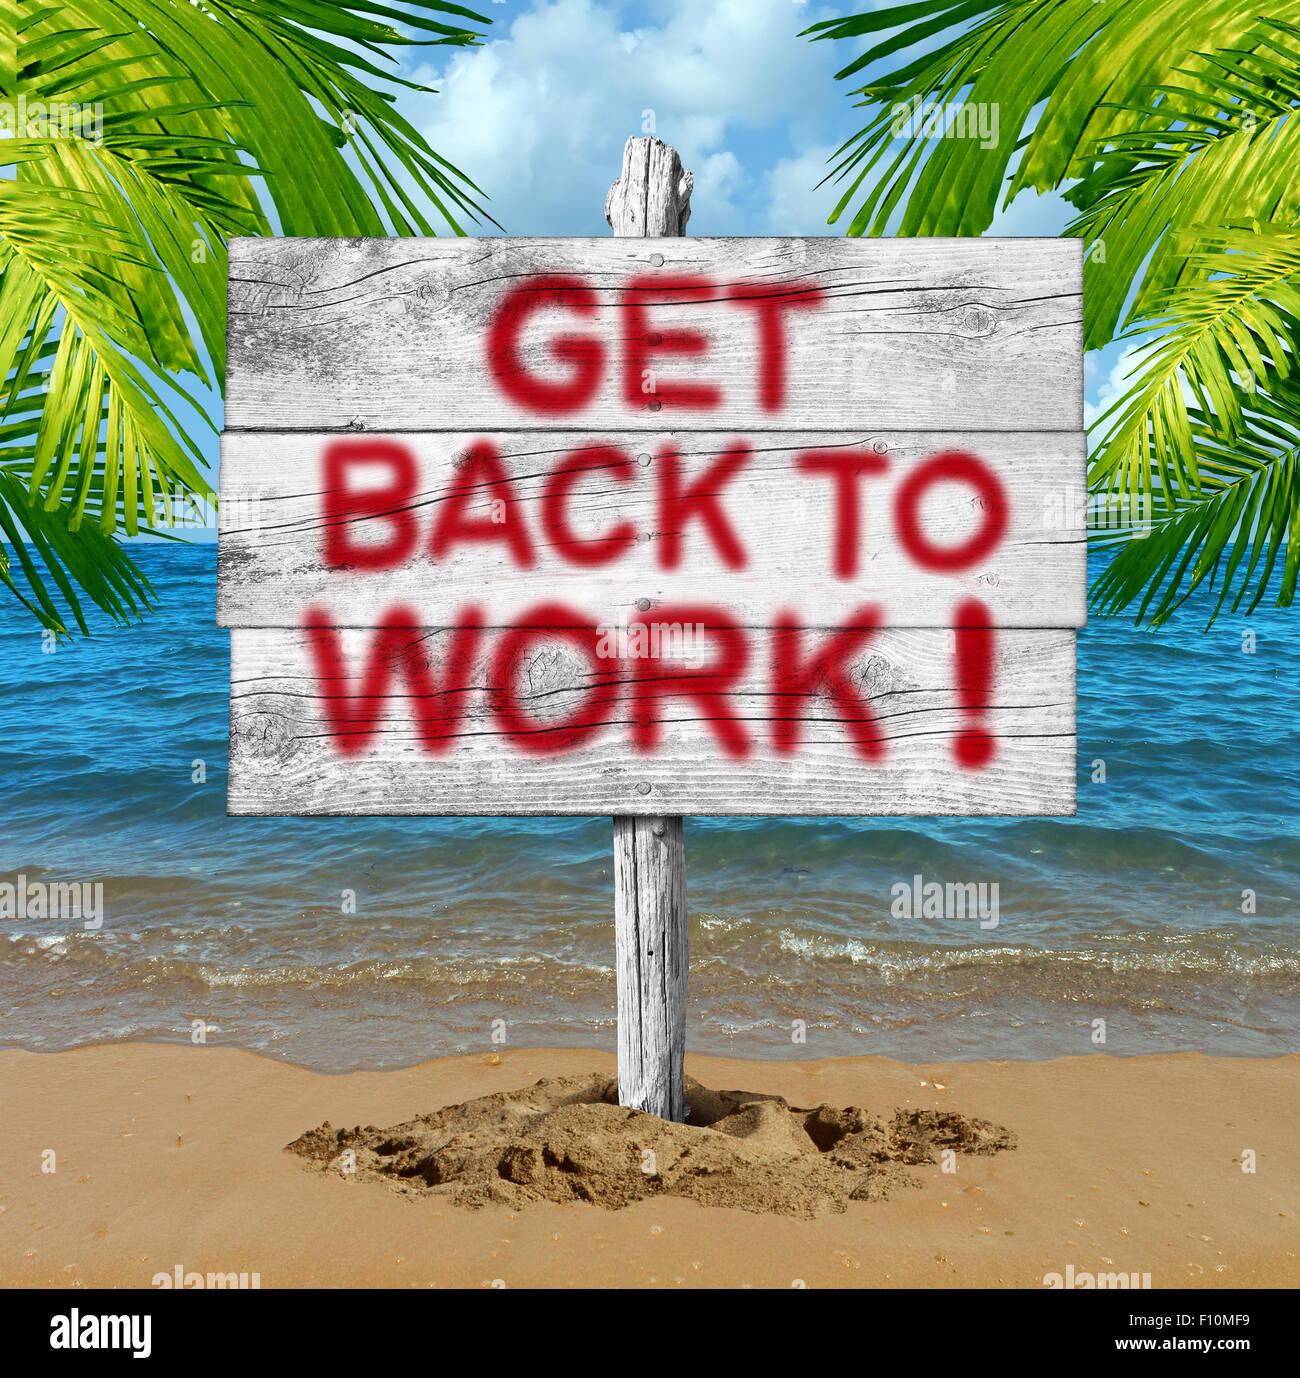 Per tornare al lavoro la motivazione di business concept come una vacanza beach segno con il testo viene spruzzata Immagini Stock